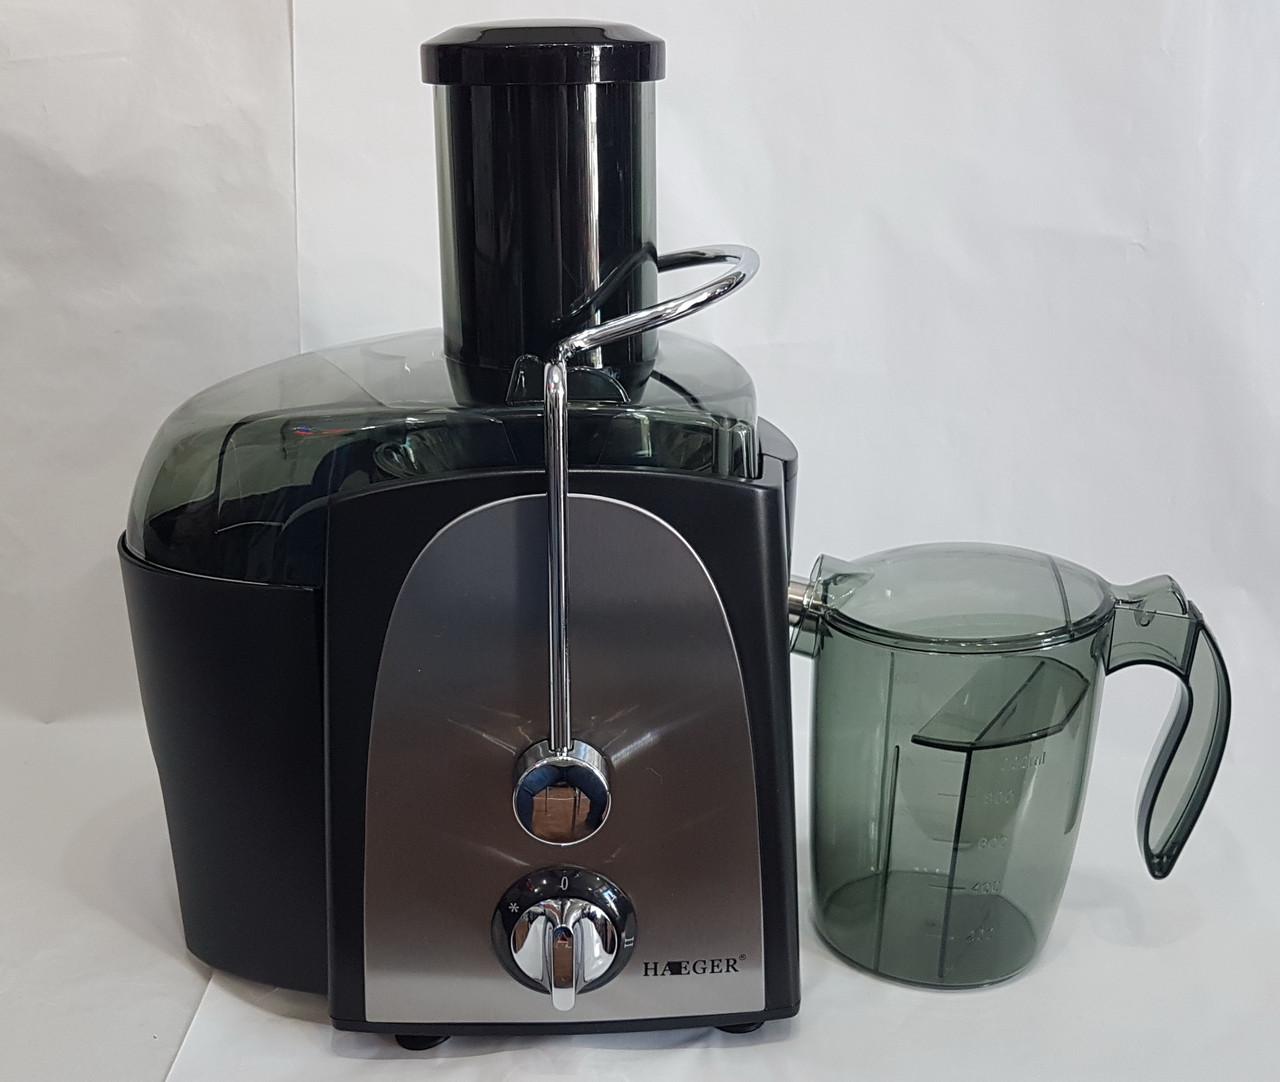 Соковыжималка HAEGER HG-2811 электрическая для твердых овощей и фруктов 1200W